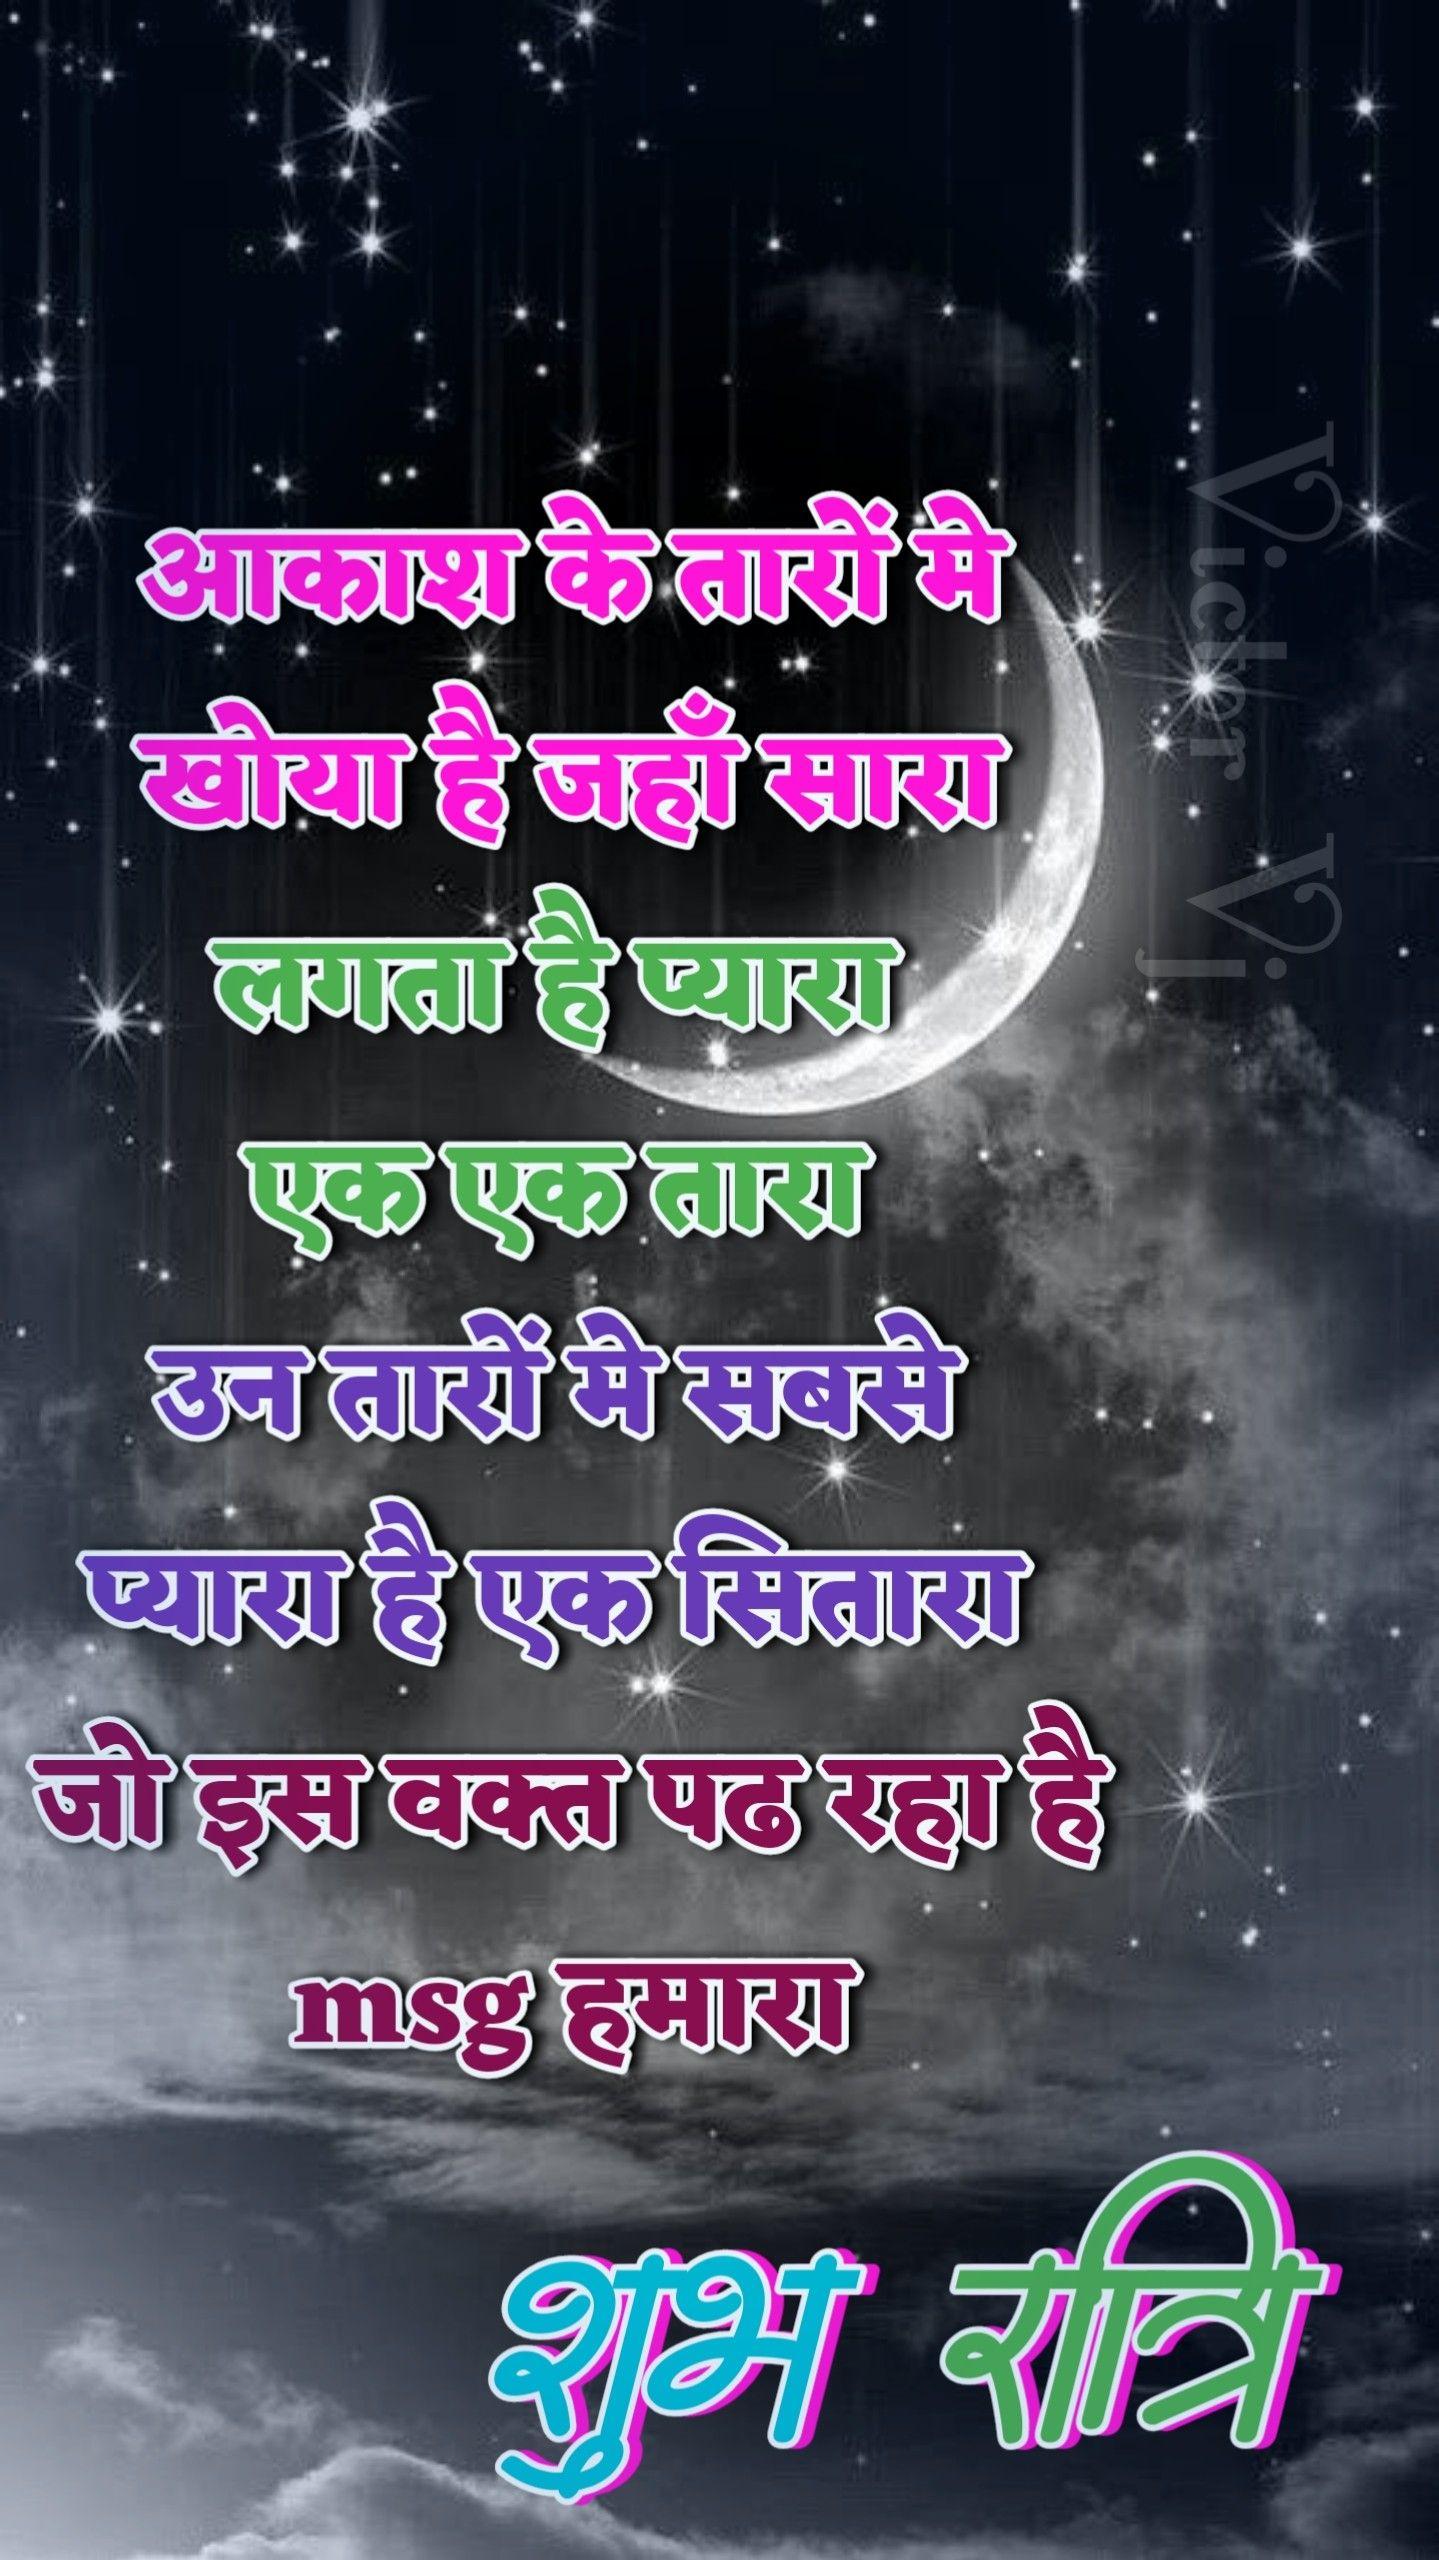 Pin By Radhika On Arts Good Night Hindi Quotes Good Night Love Quotes Night Wishes